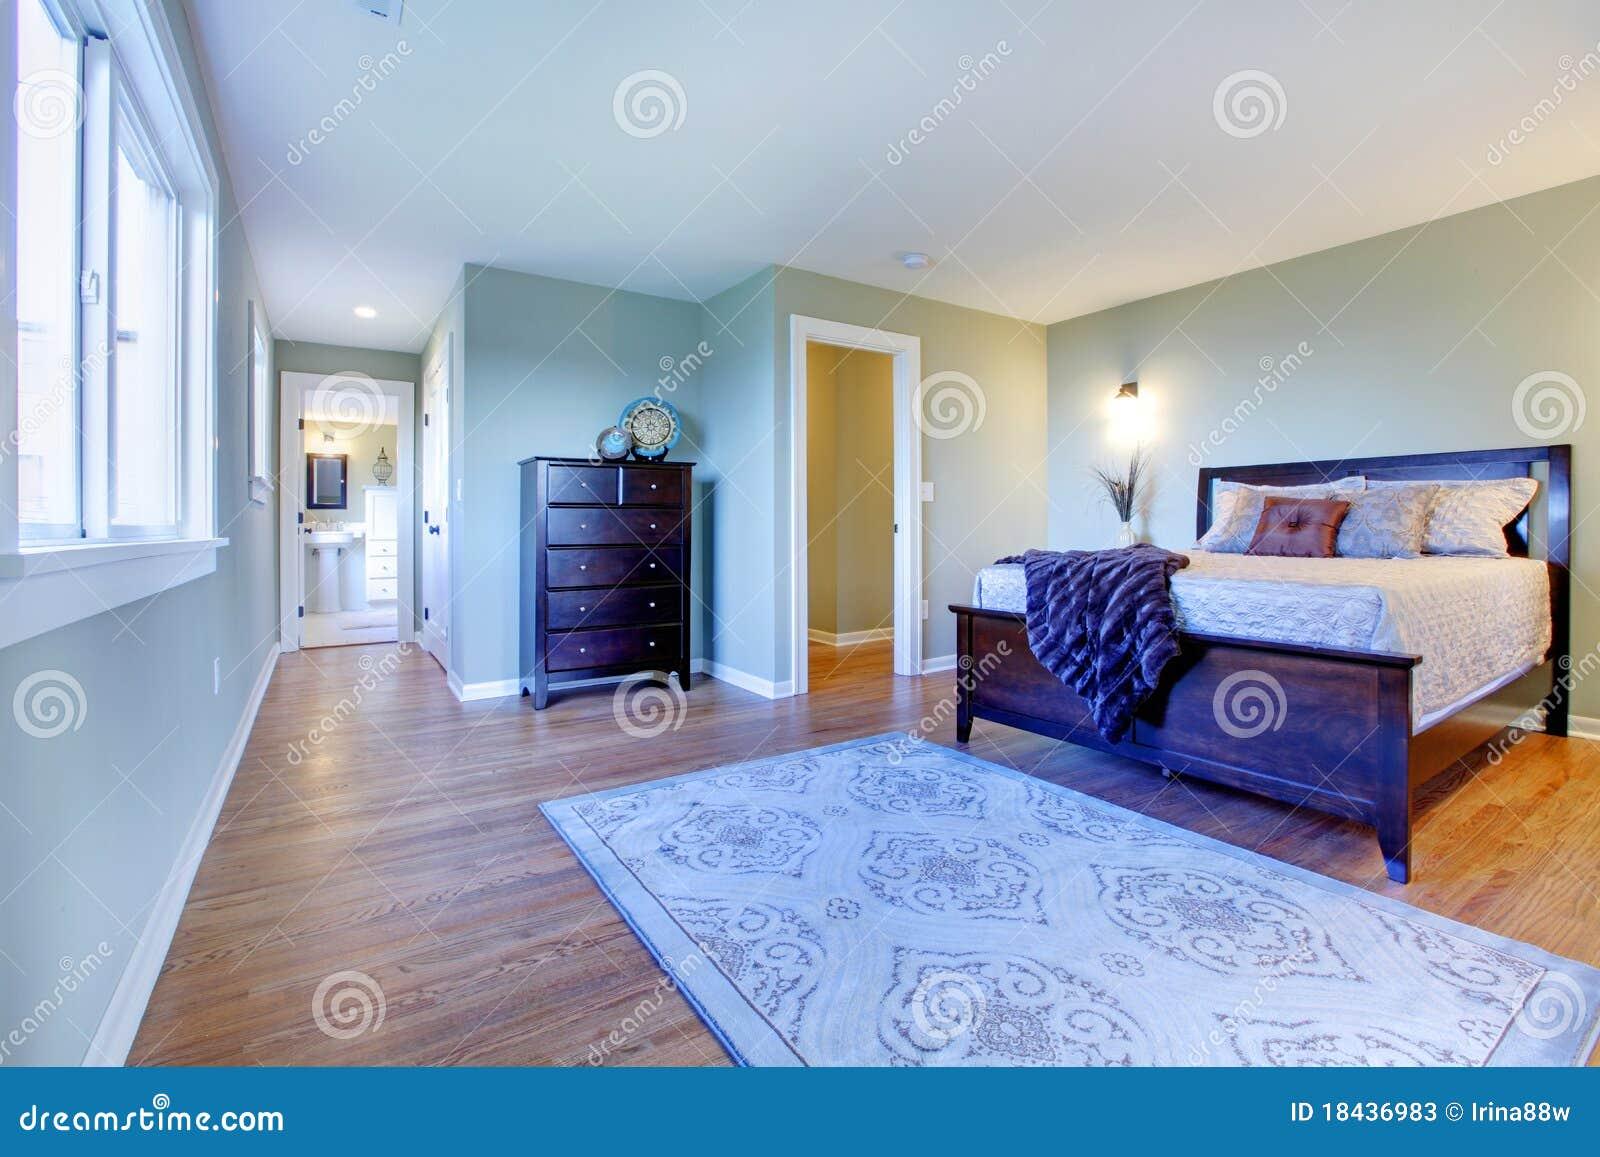 Houten Achterwand Slaapkamer: Met welke kleuren kan jij het beste ...